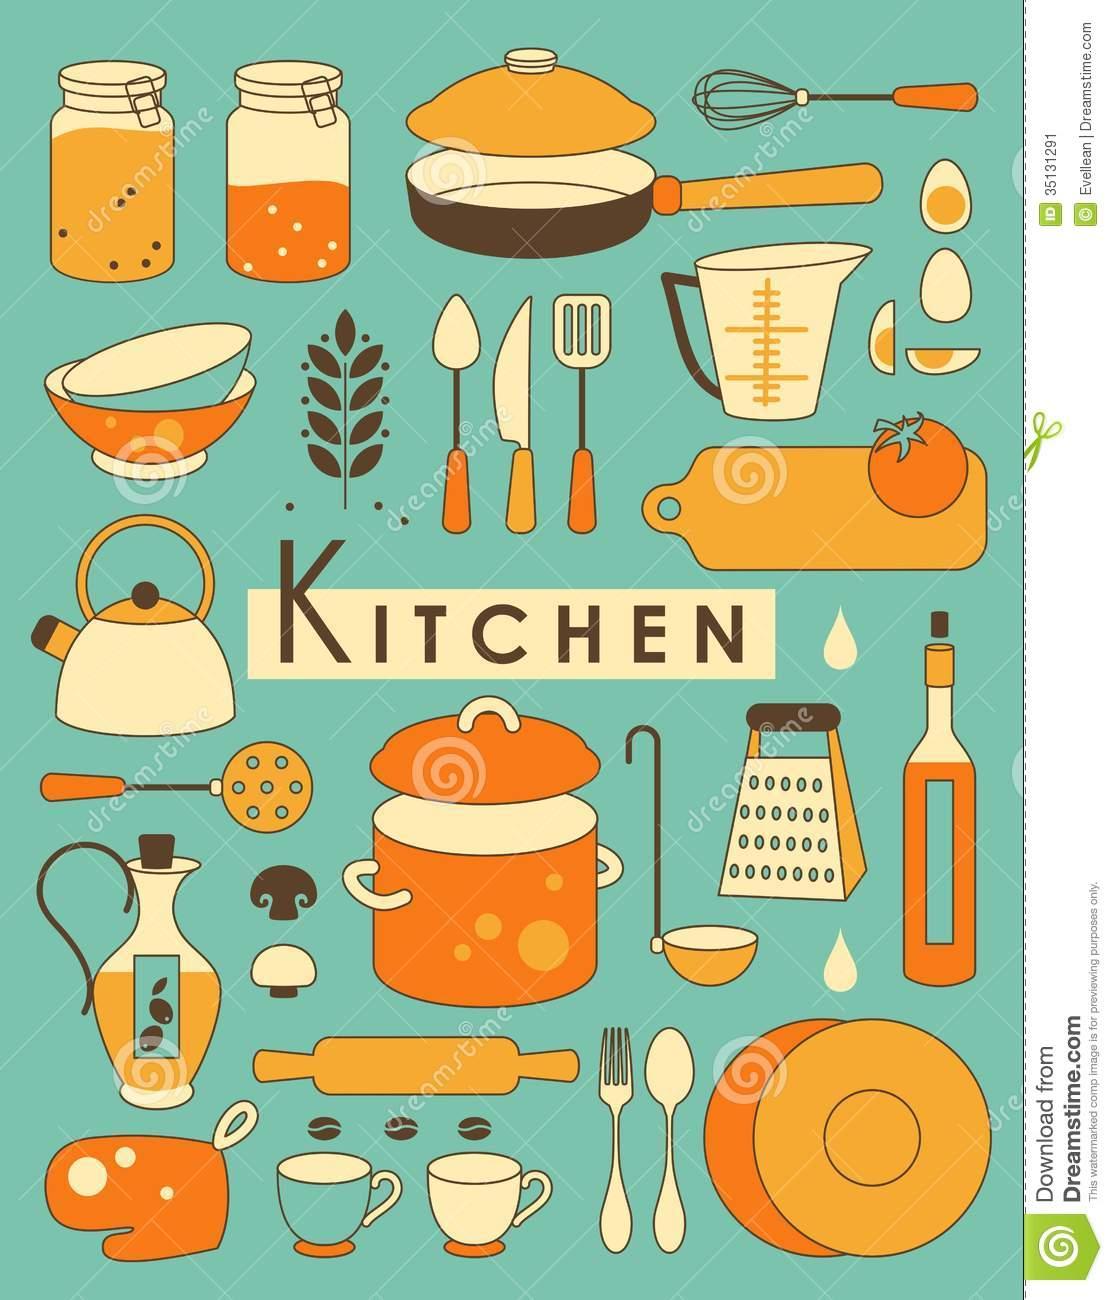 Kitchen equipment clipart - Clipground